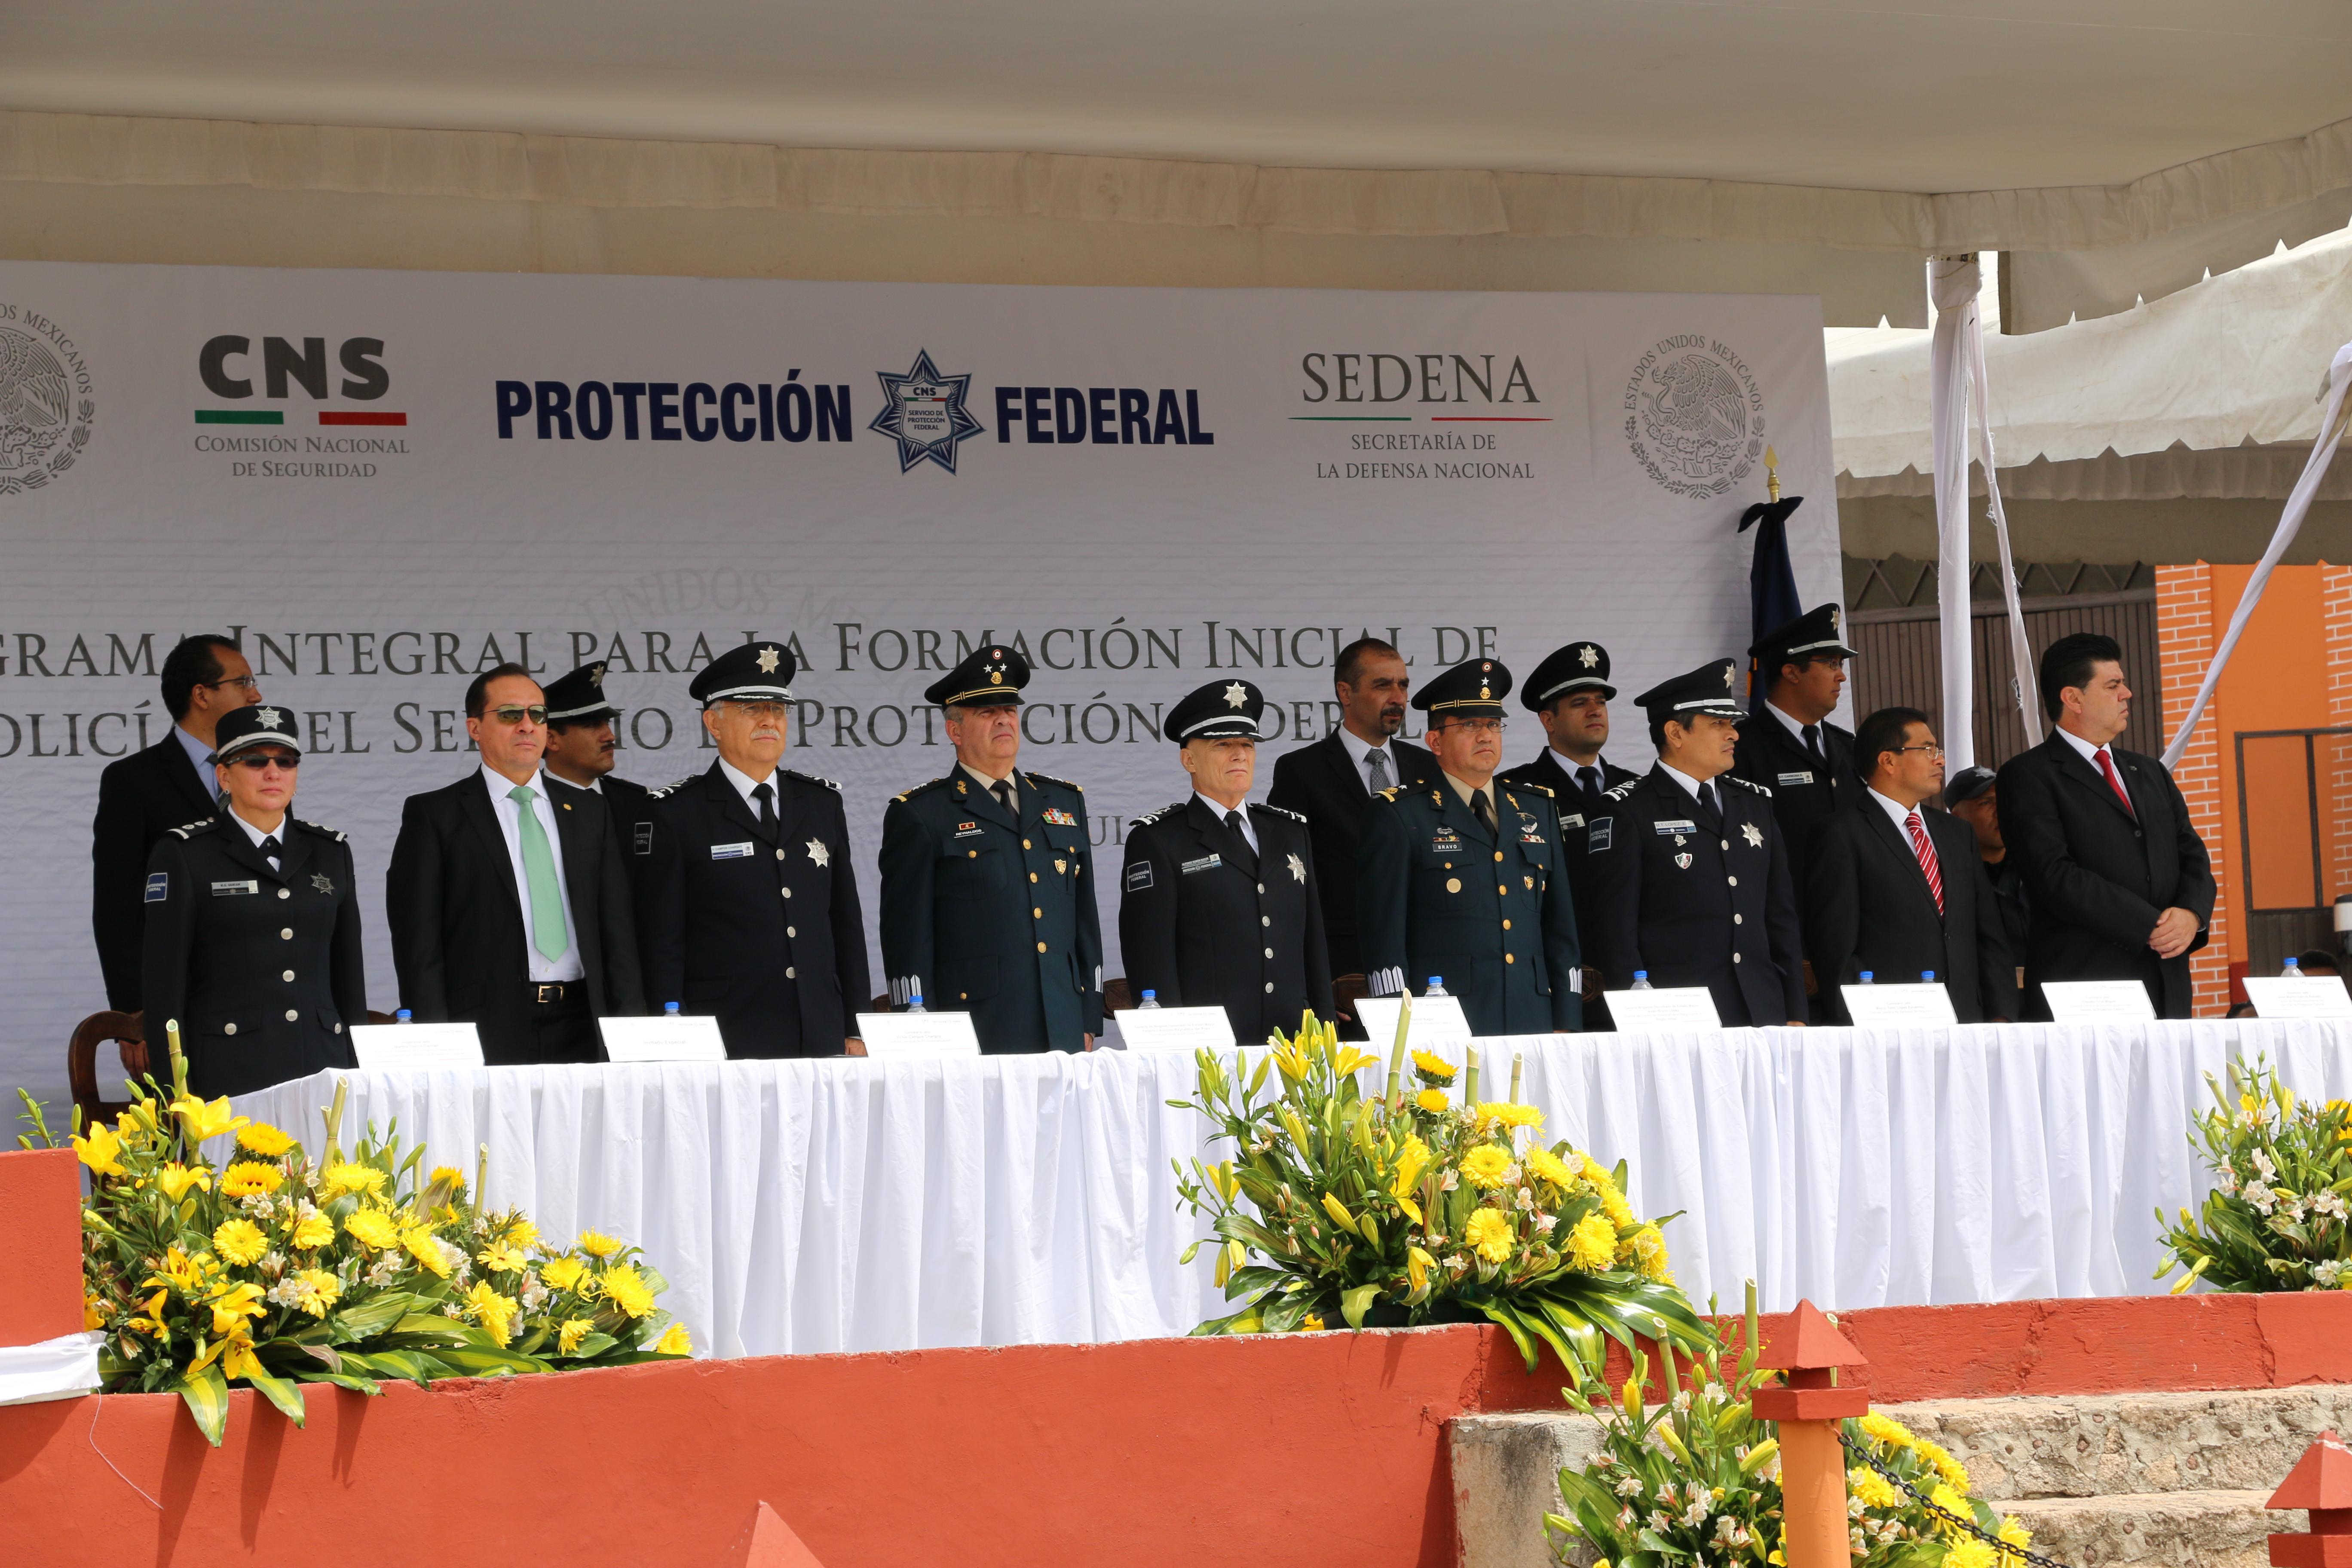 Ante representantes de la Sedena y de la Embajada de Francia en México, destacó que los egresados fueron seleccionados entre más de 2 mil 500 aspirantes